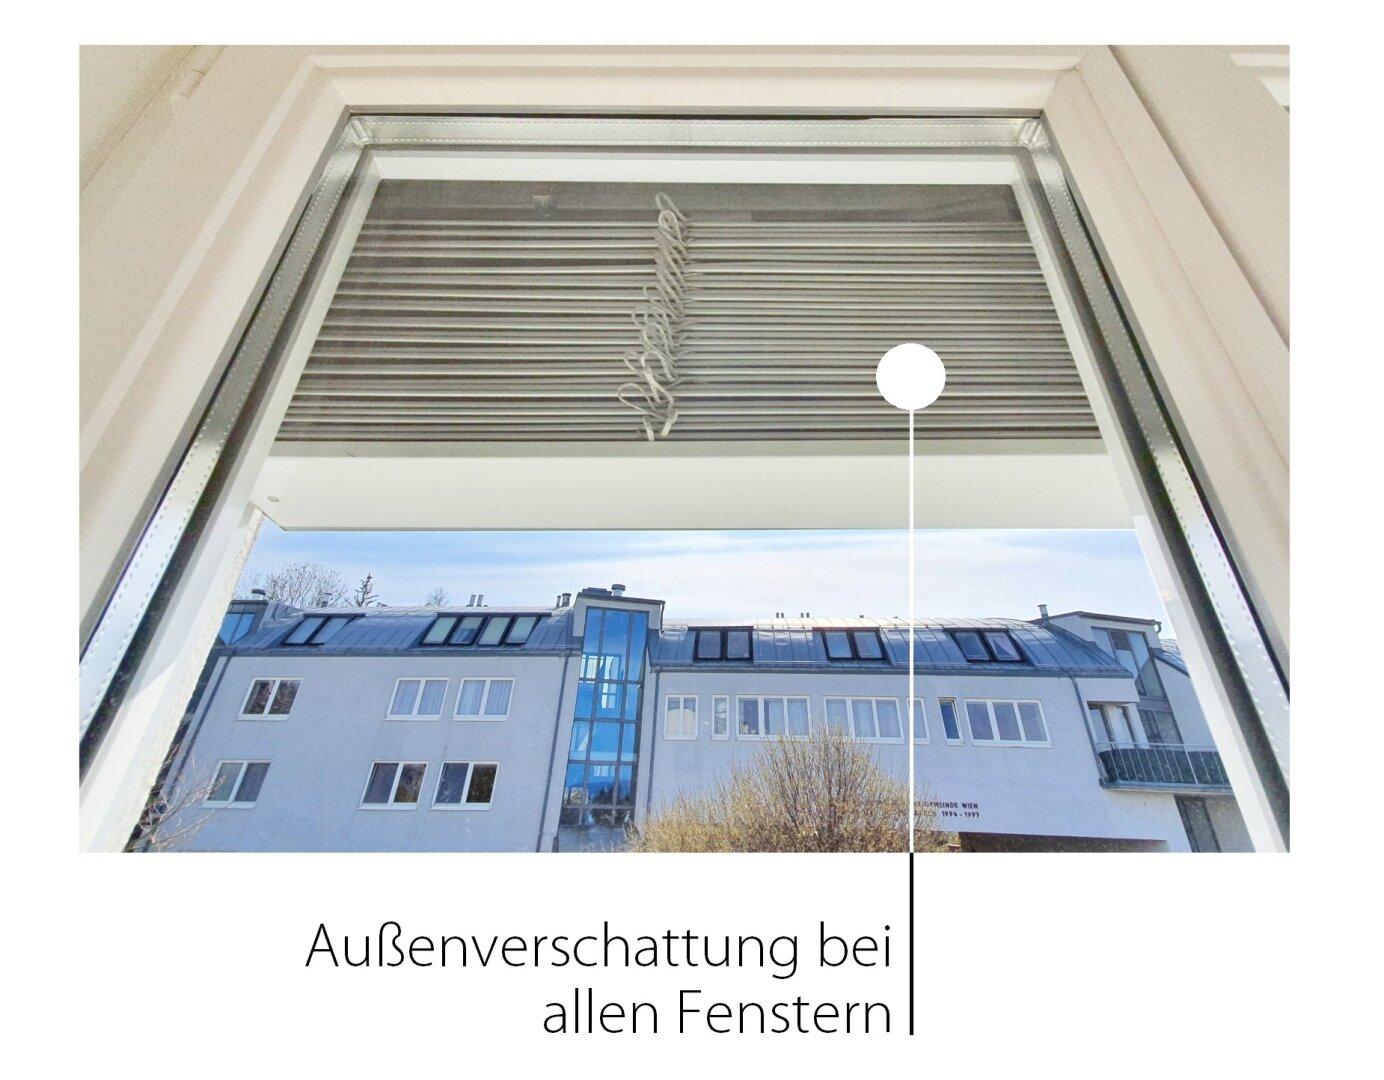 Außenbschattung bei allen Fenstern